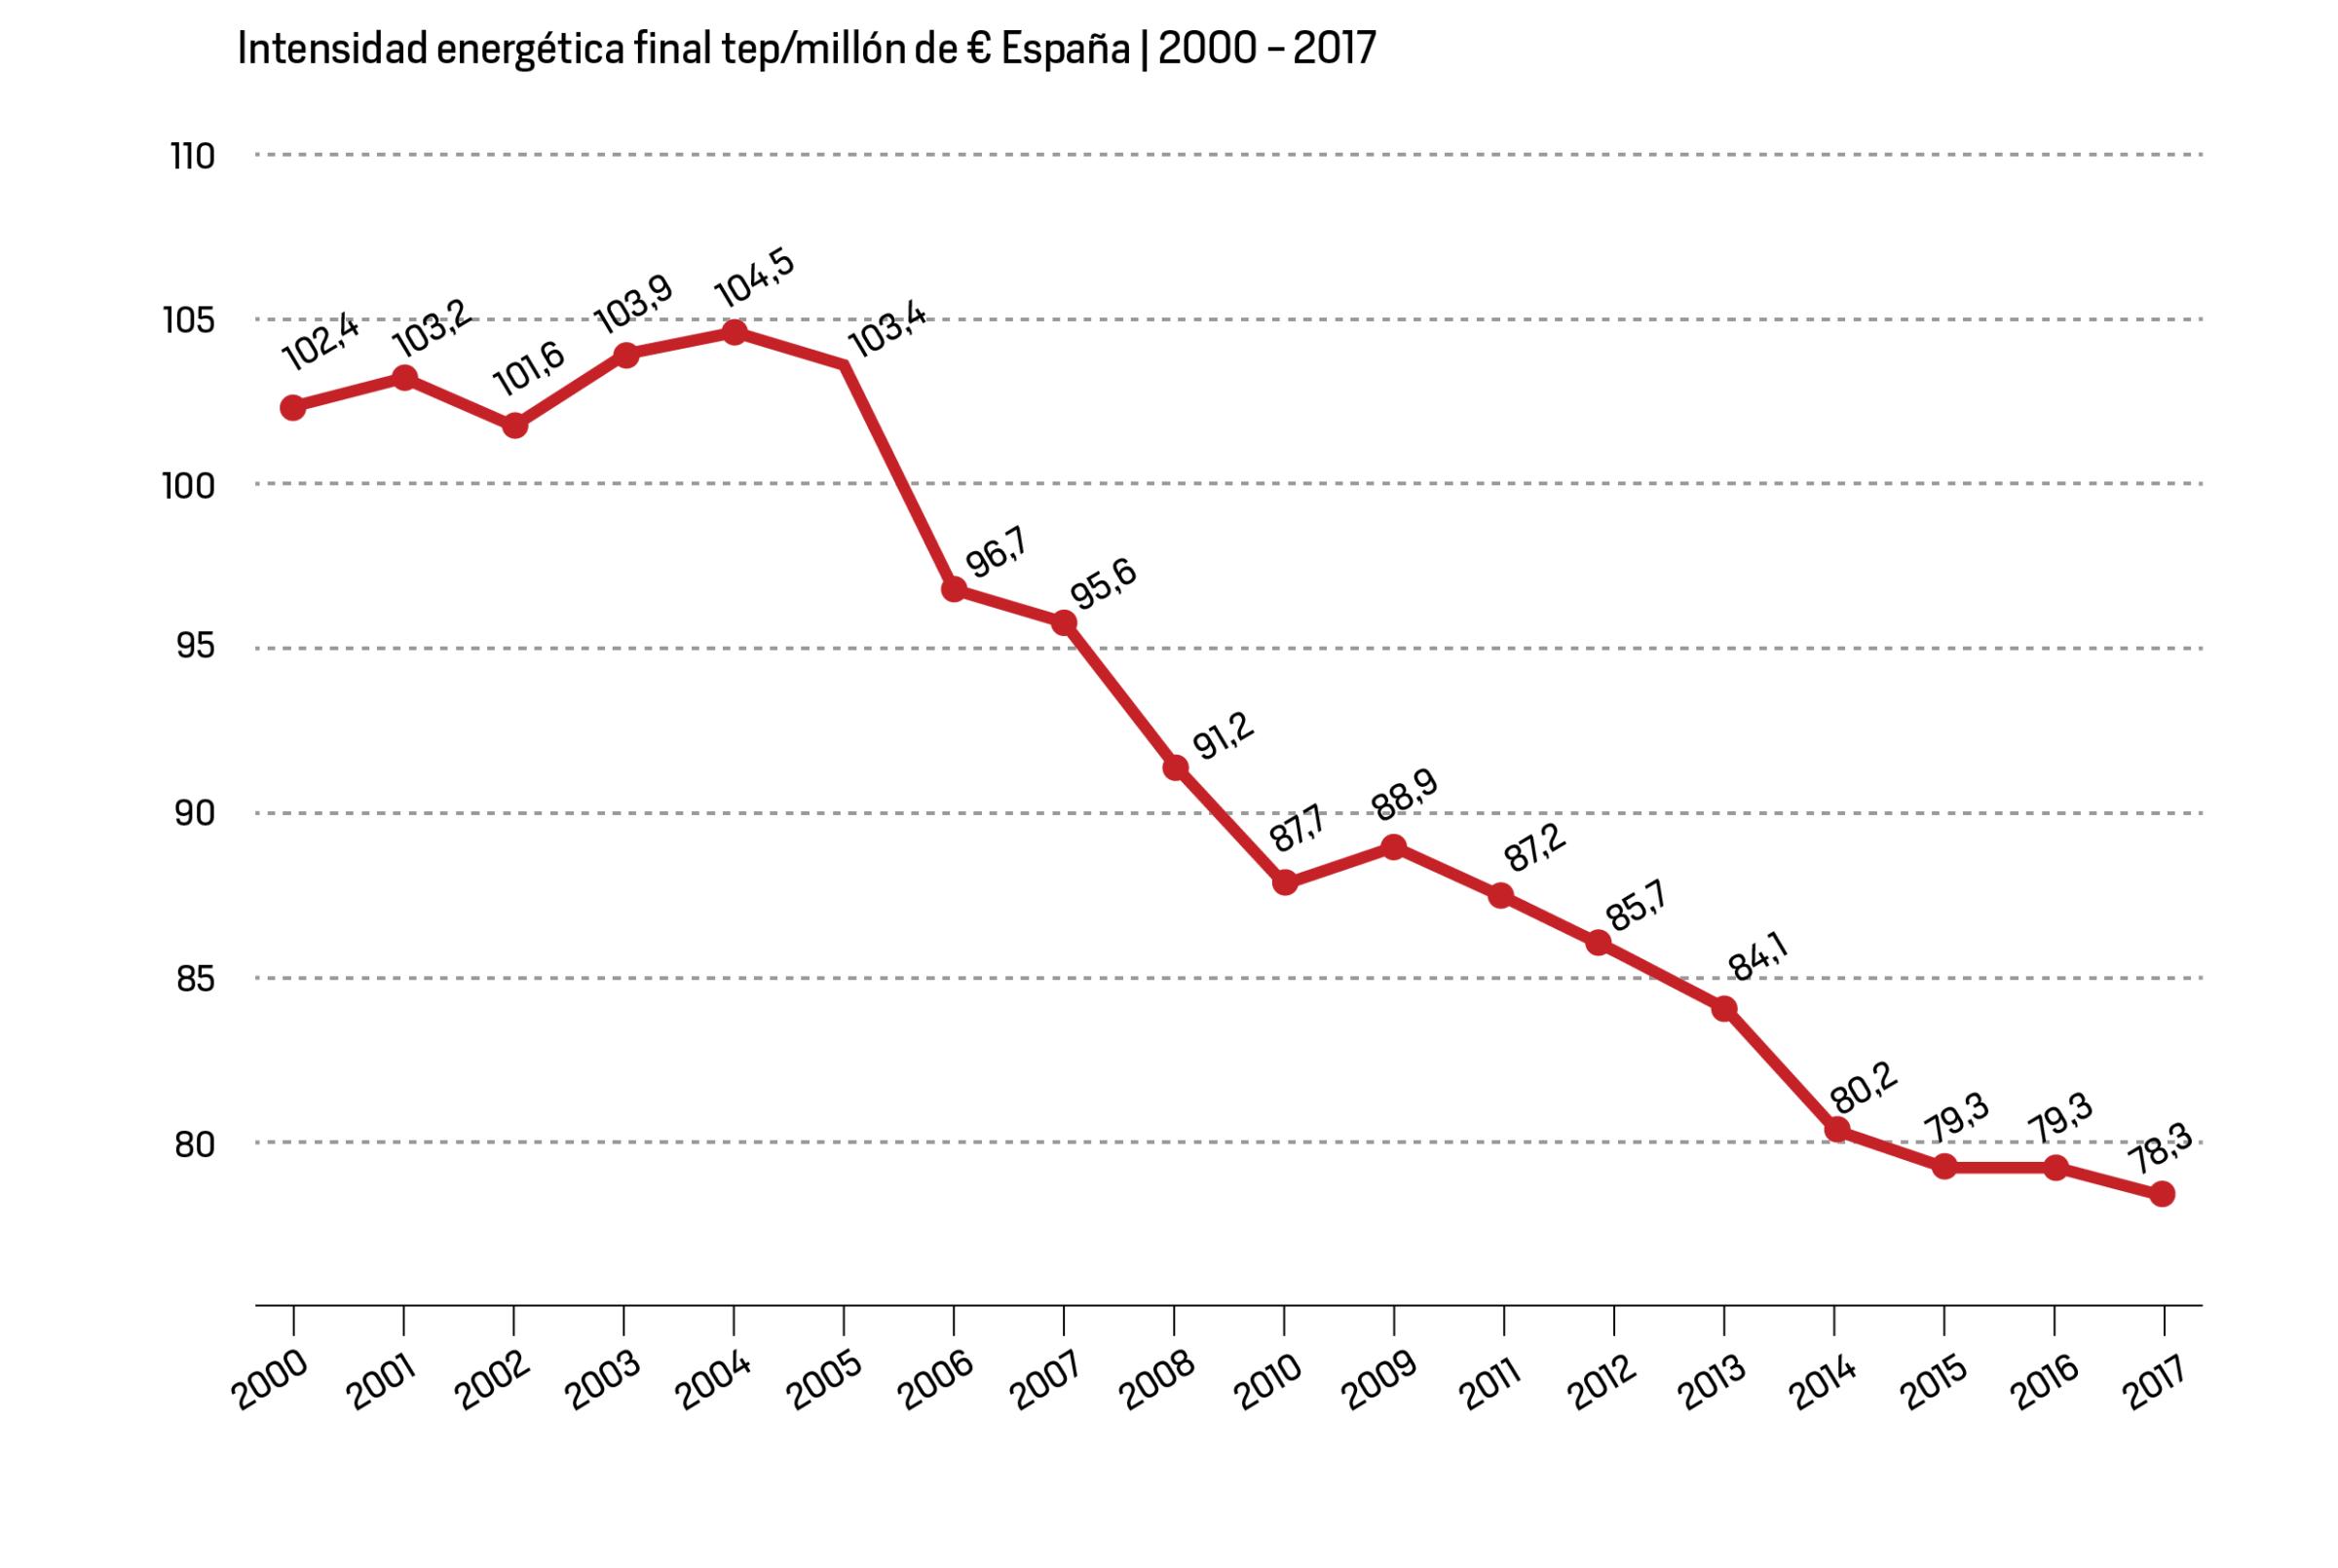 Intensidad energética en España 2000-2017